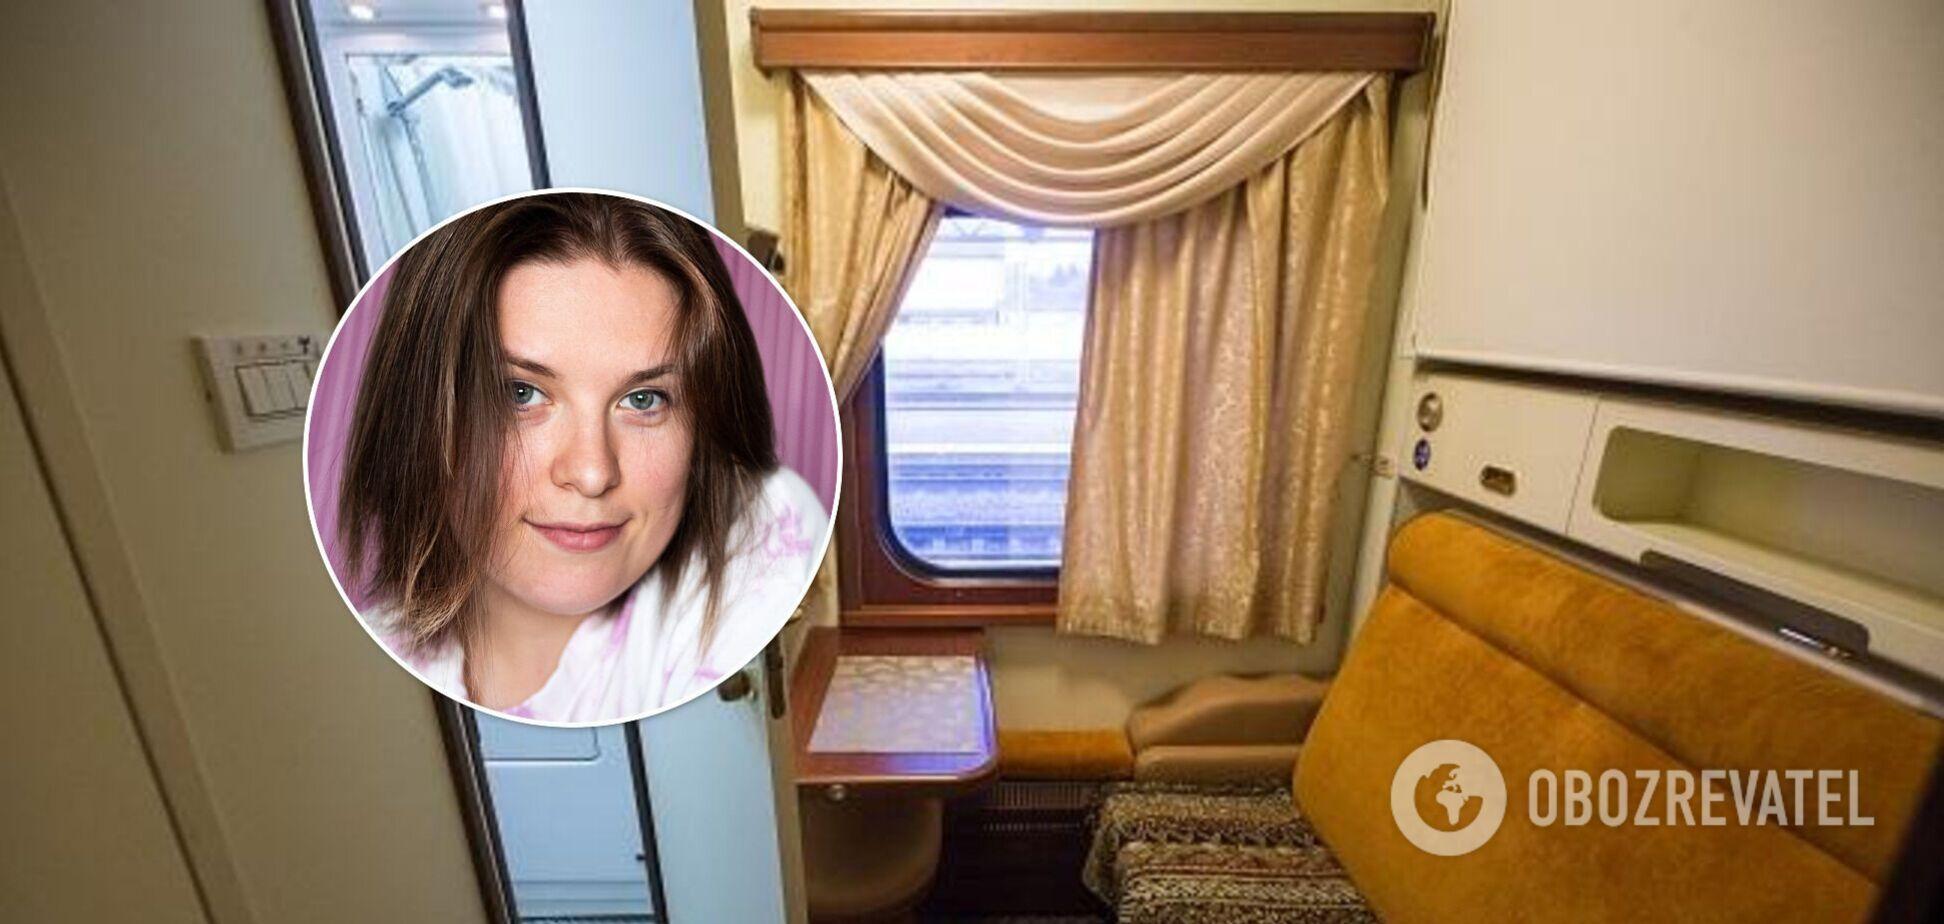 В поезде 'Укрзалізниці' едва не изнасиловали женщину: ей удалось сбежать, но очевидцы были недовольны 'шумом'